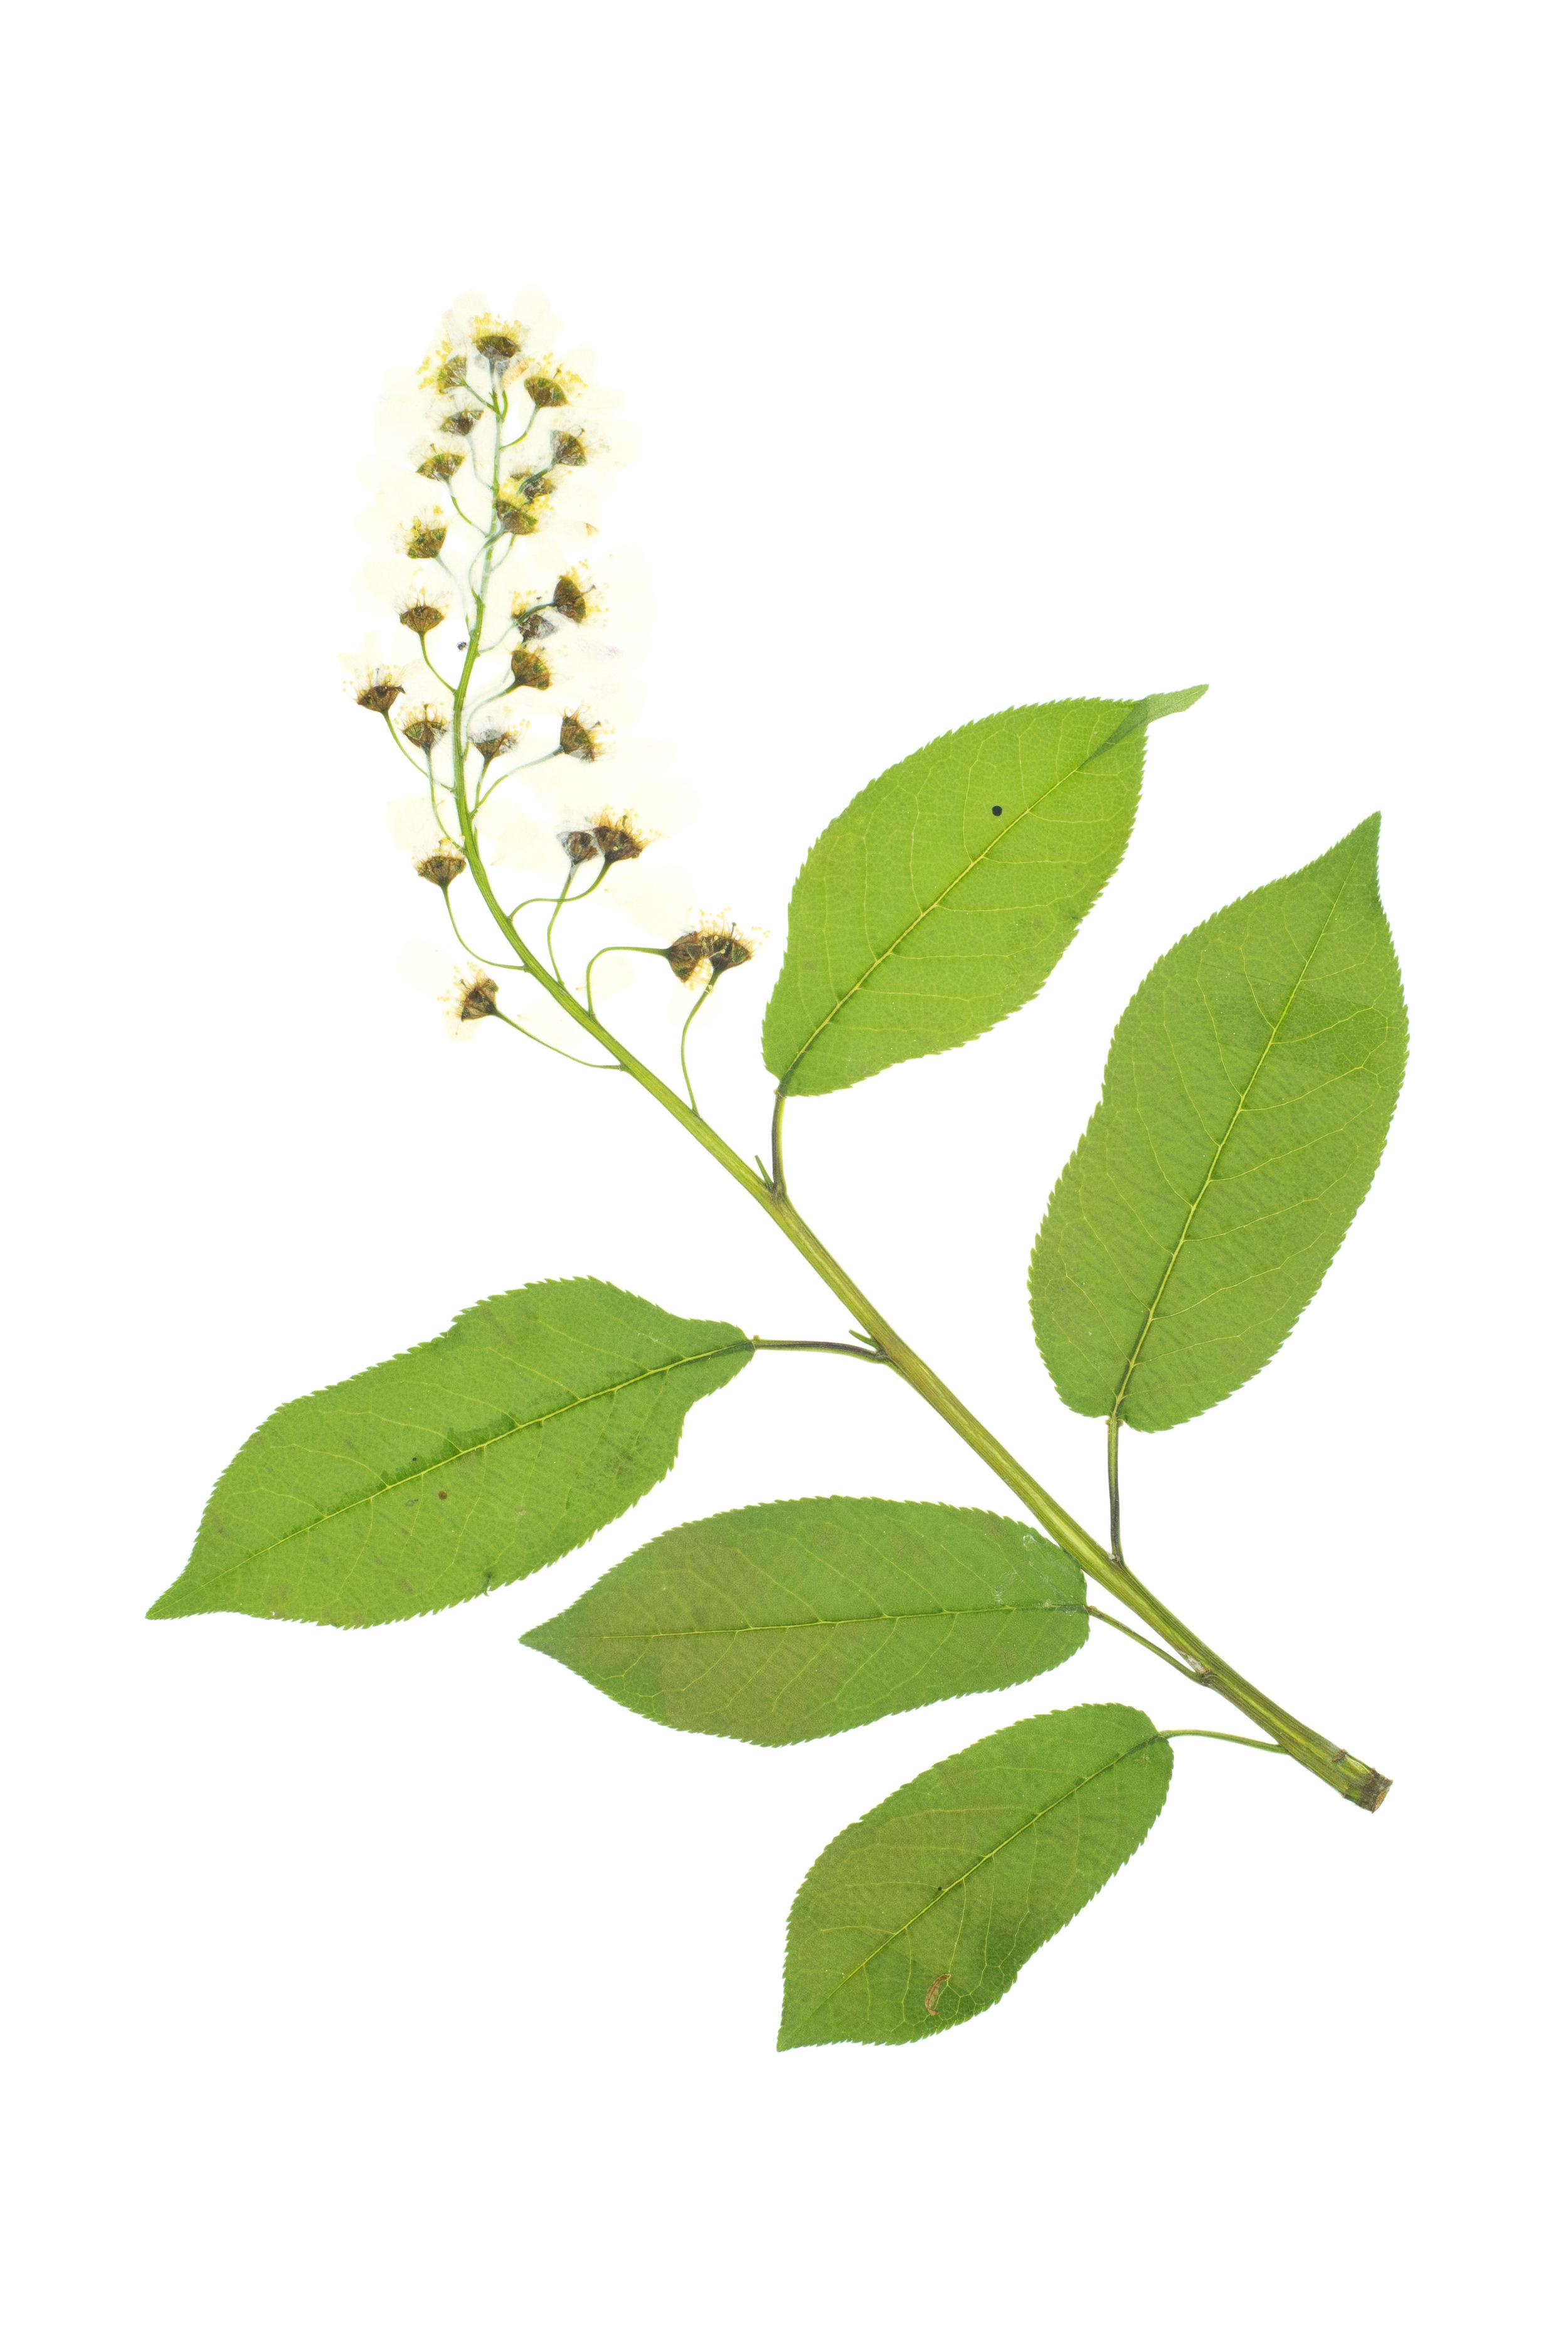 Blackthorn / Prunus spinosa